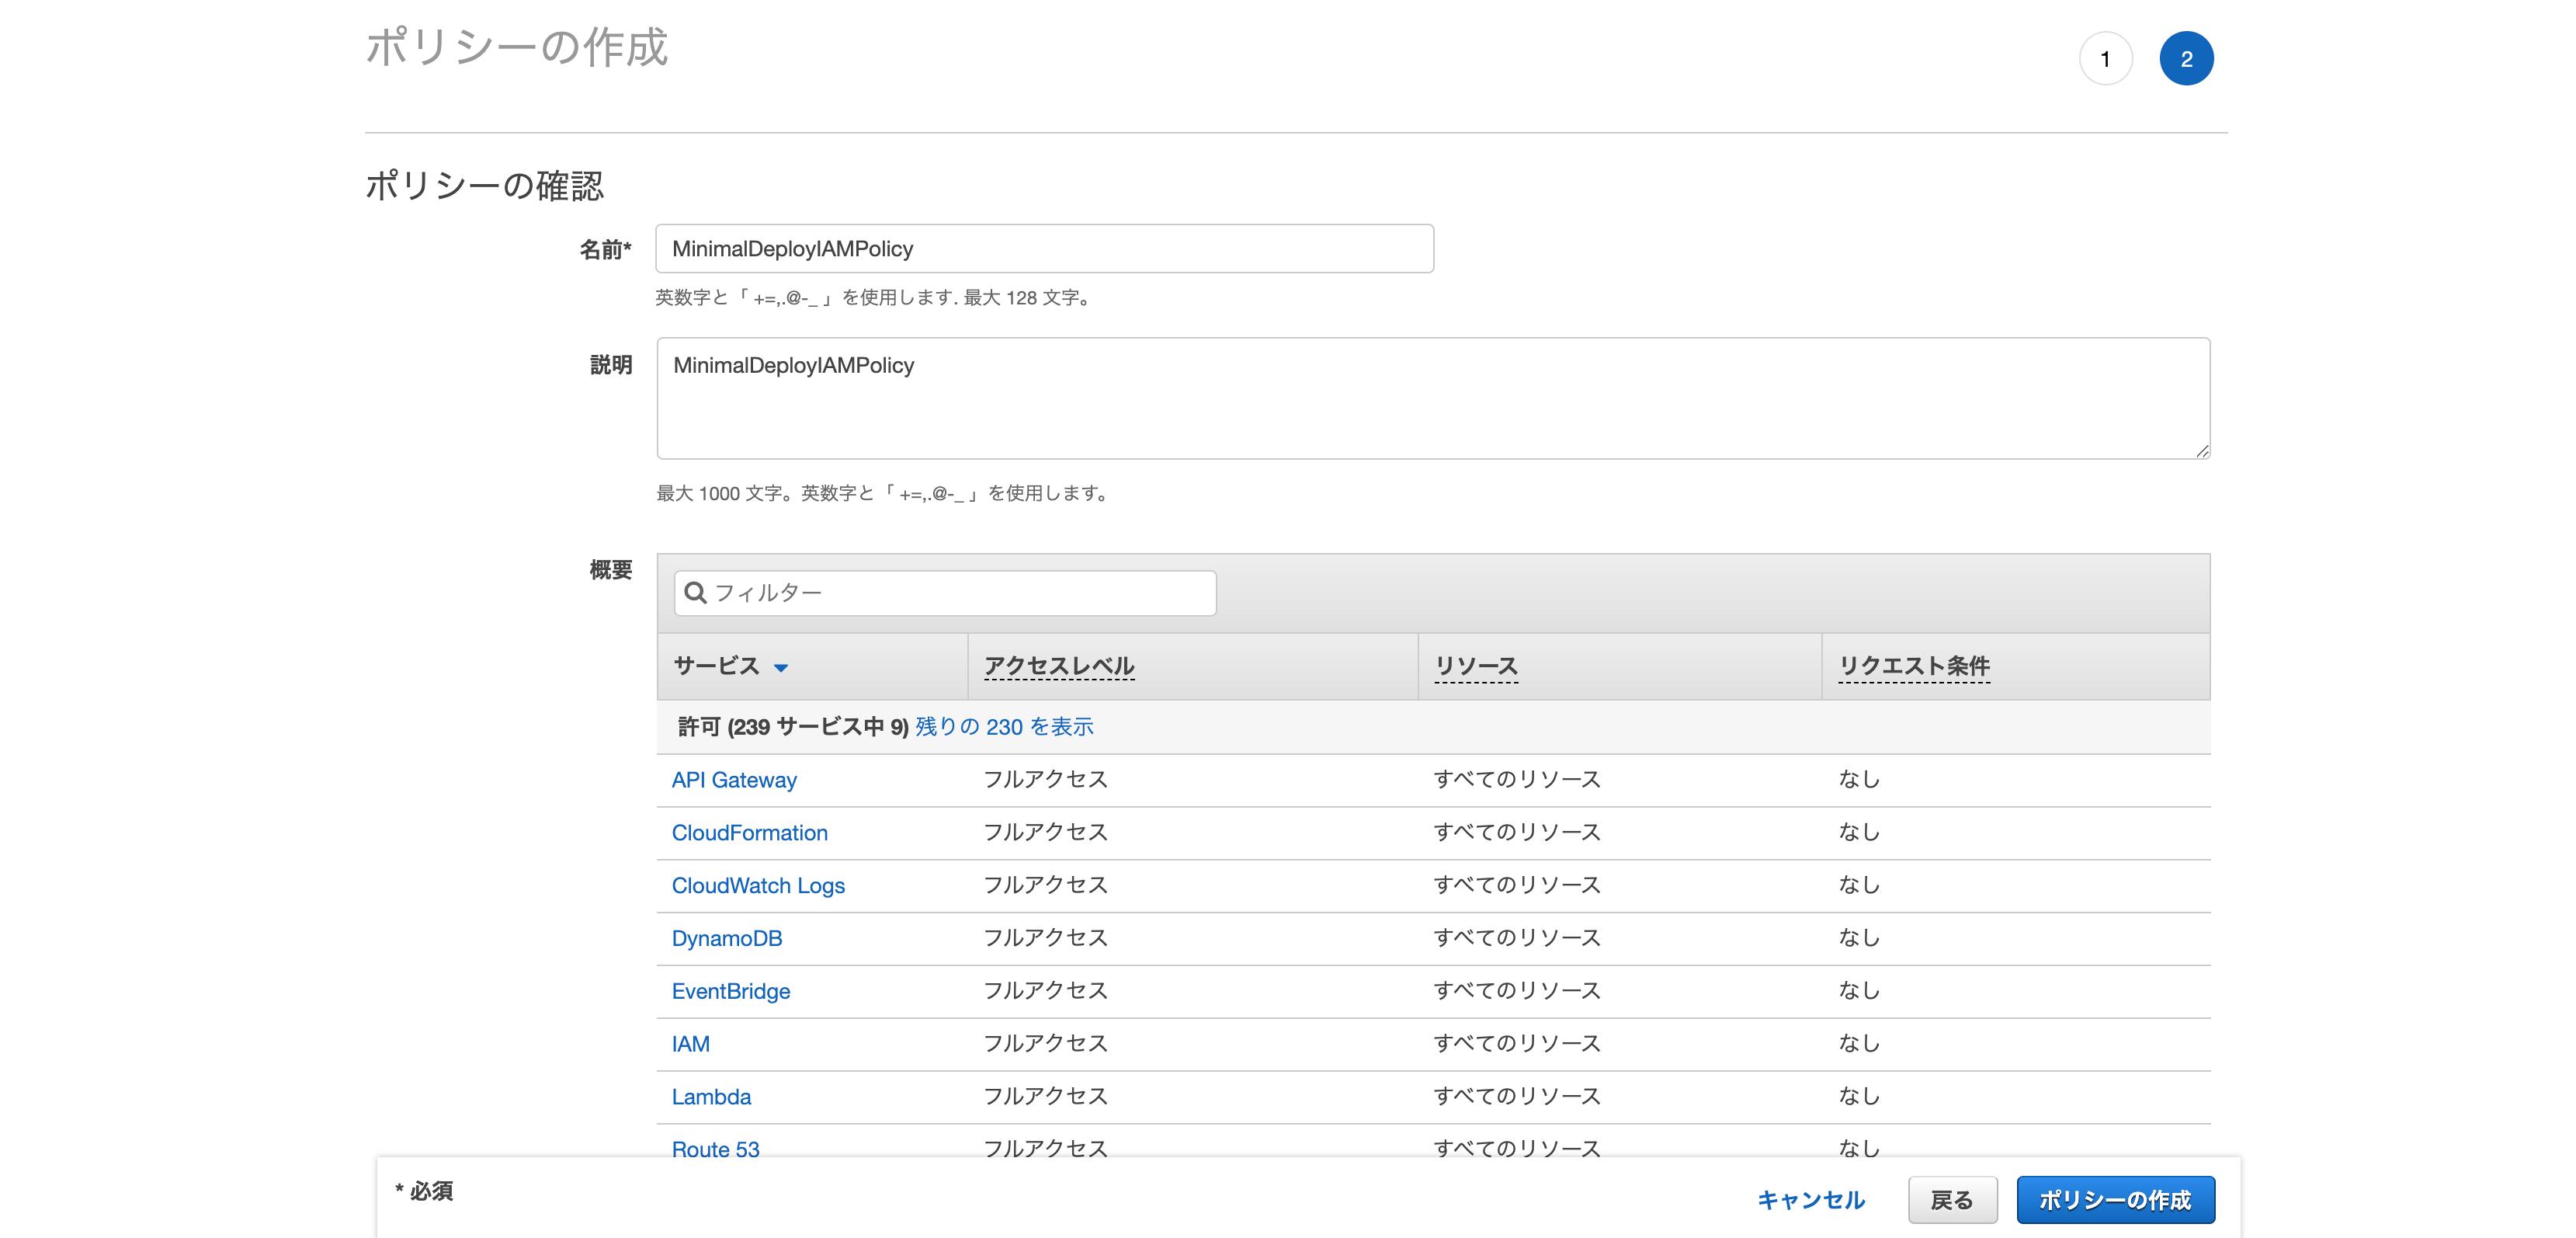 スクリーンショット 2020-09-21 22.15.47.png